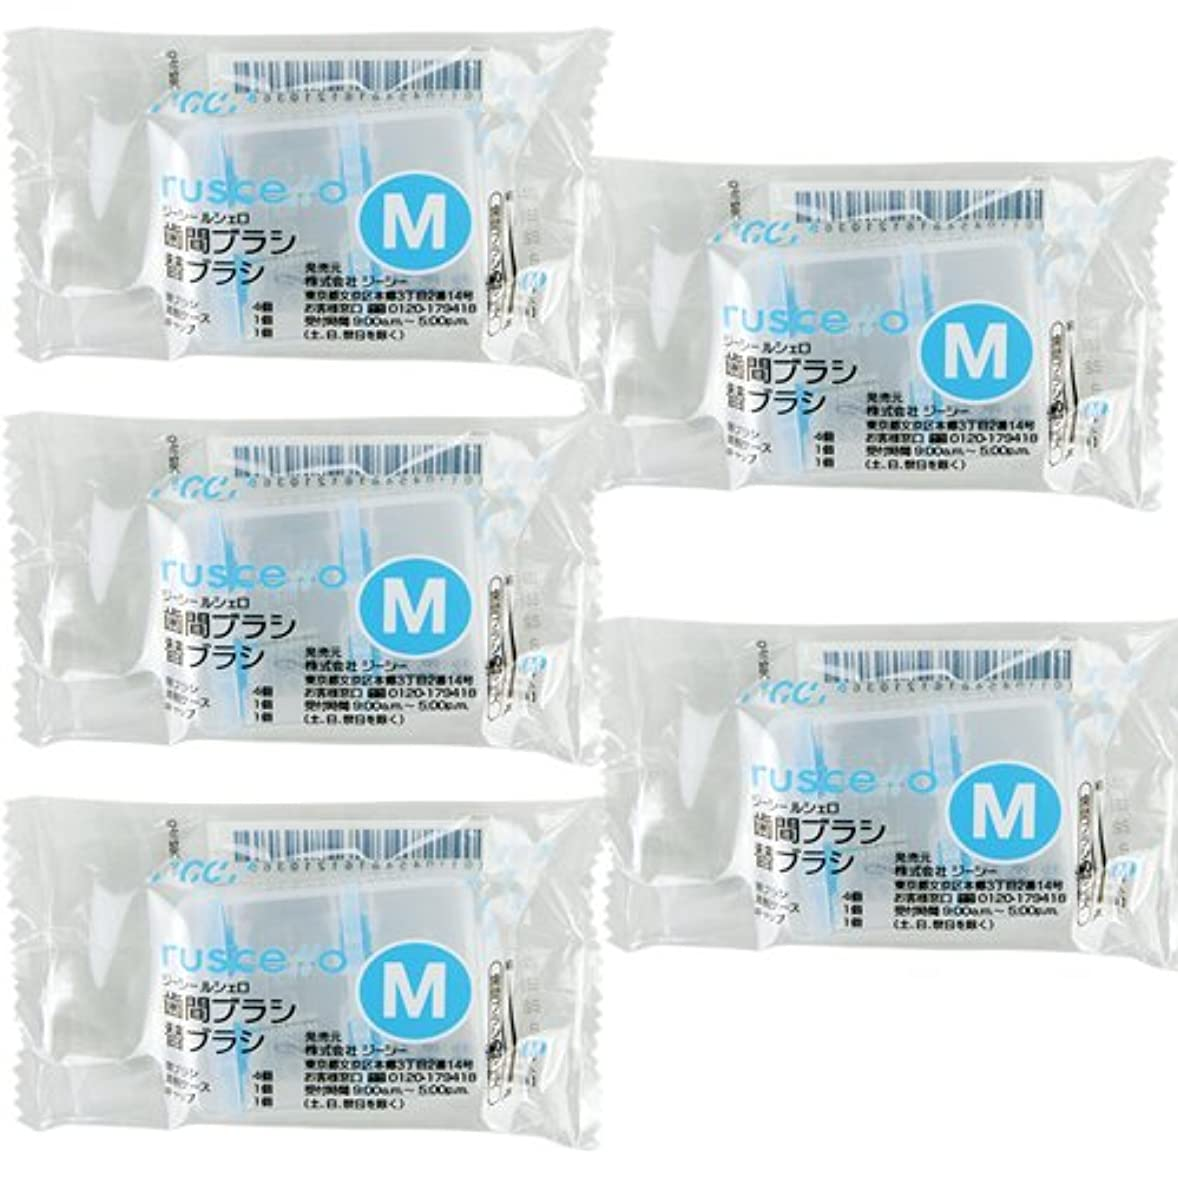 咳起きているボーカルGC ジーシー ルシェロ歯間ブラシ 替えブラシ(4個入) × 5個セット M